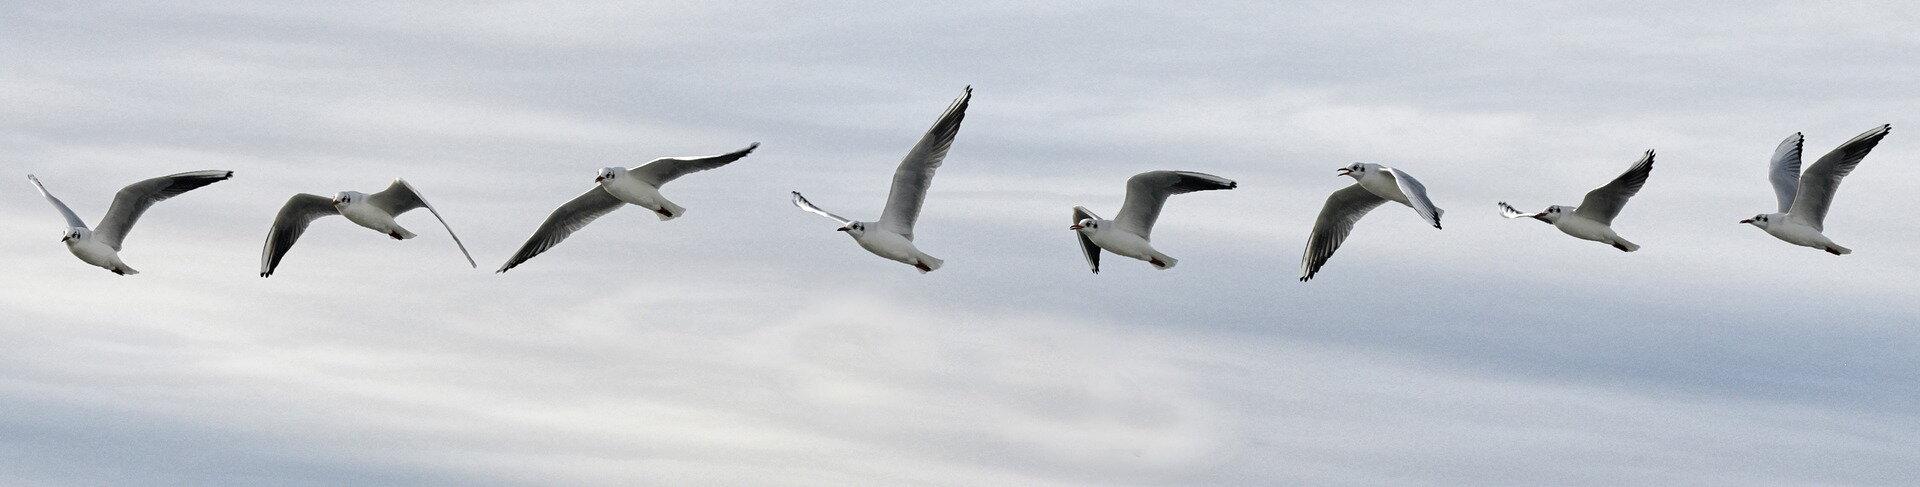 Veľké gigantické vtáky